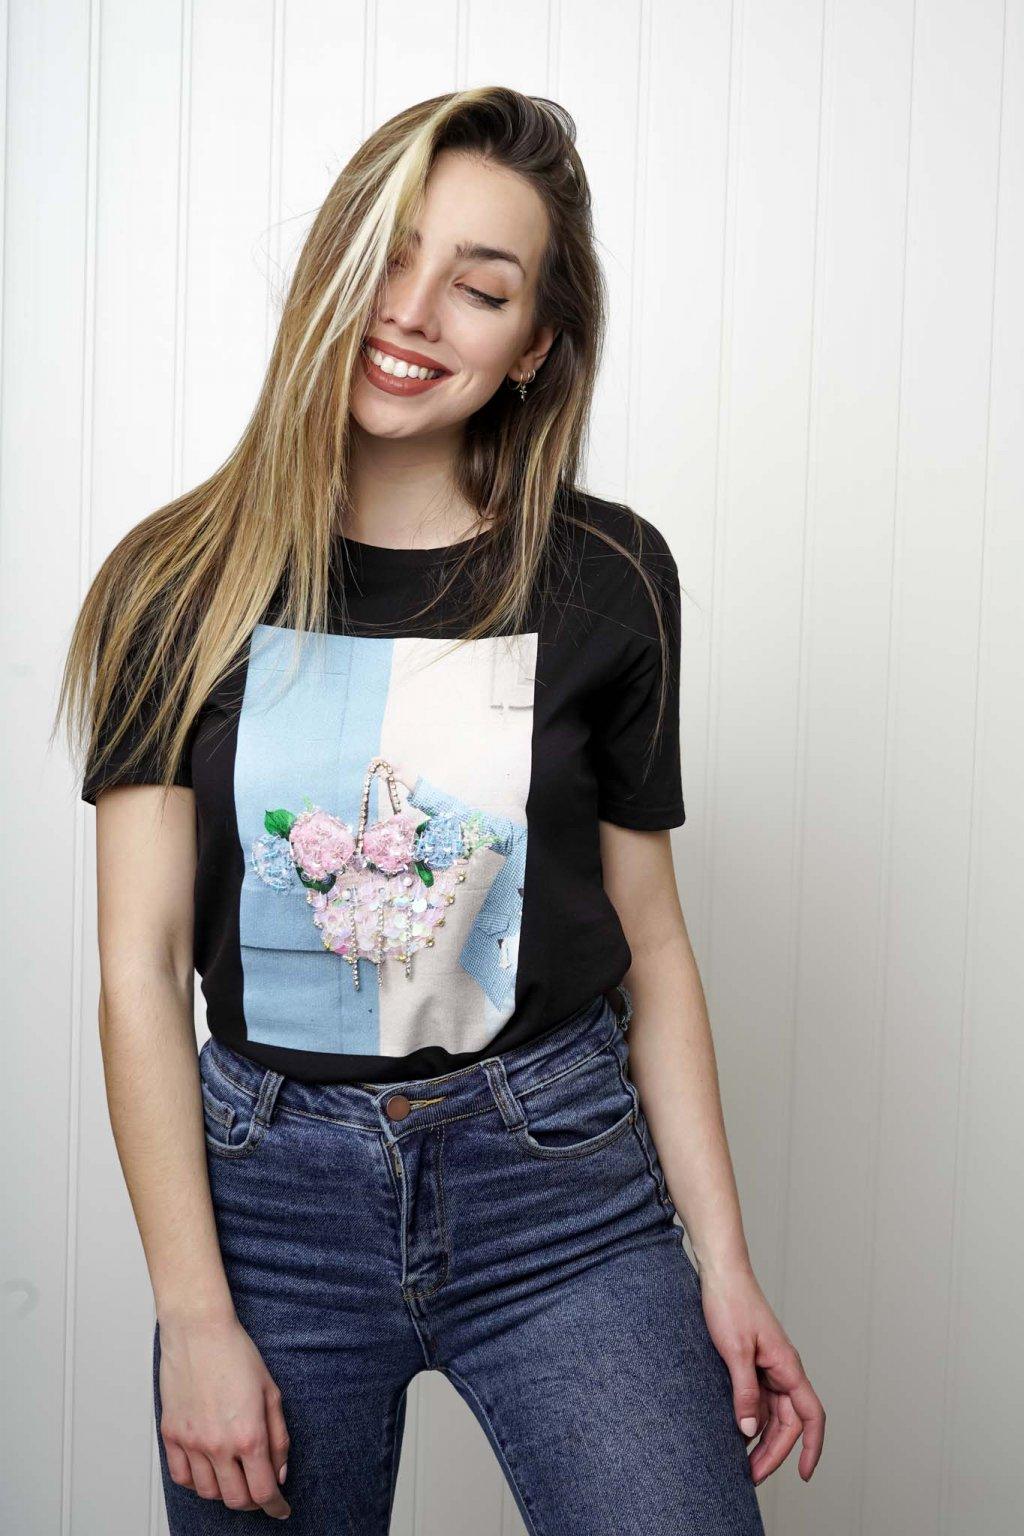 tričko, tričkové šaty, biele, čierne, žlté, vzorované, potlač, vyšívané, nášivky, fialové, street style, 223